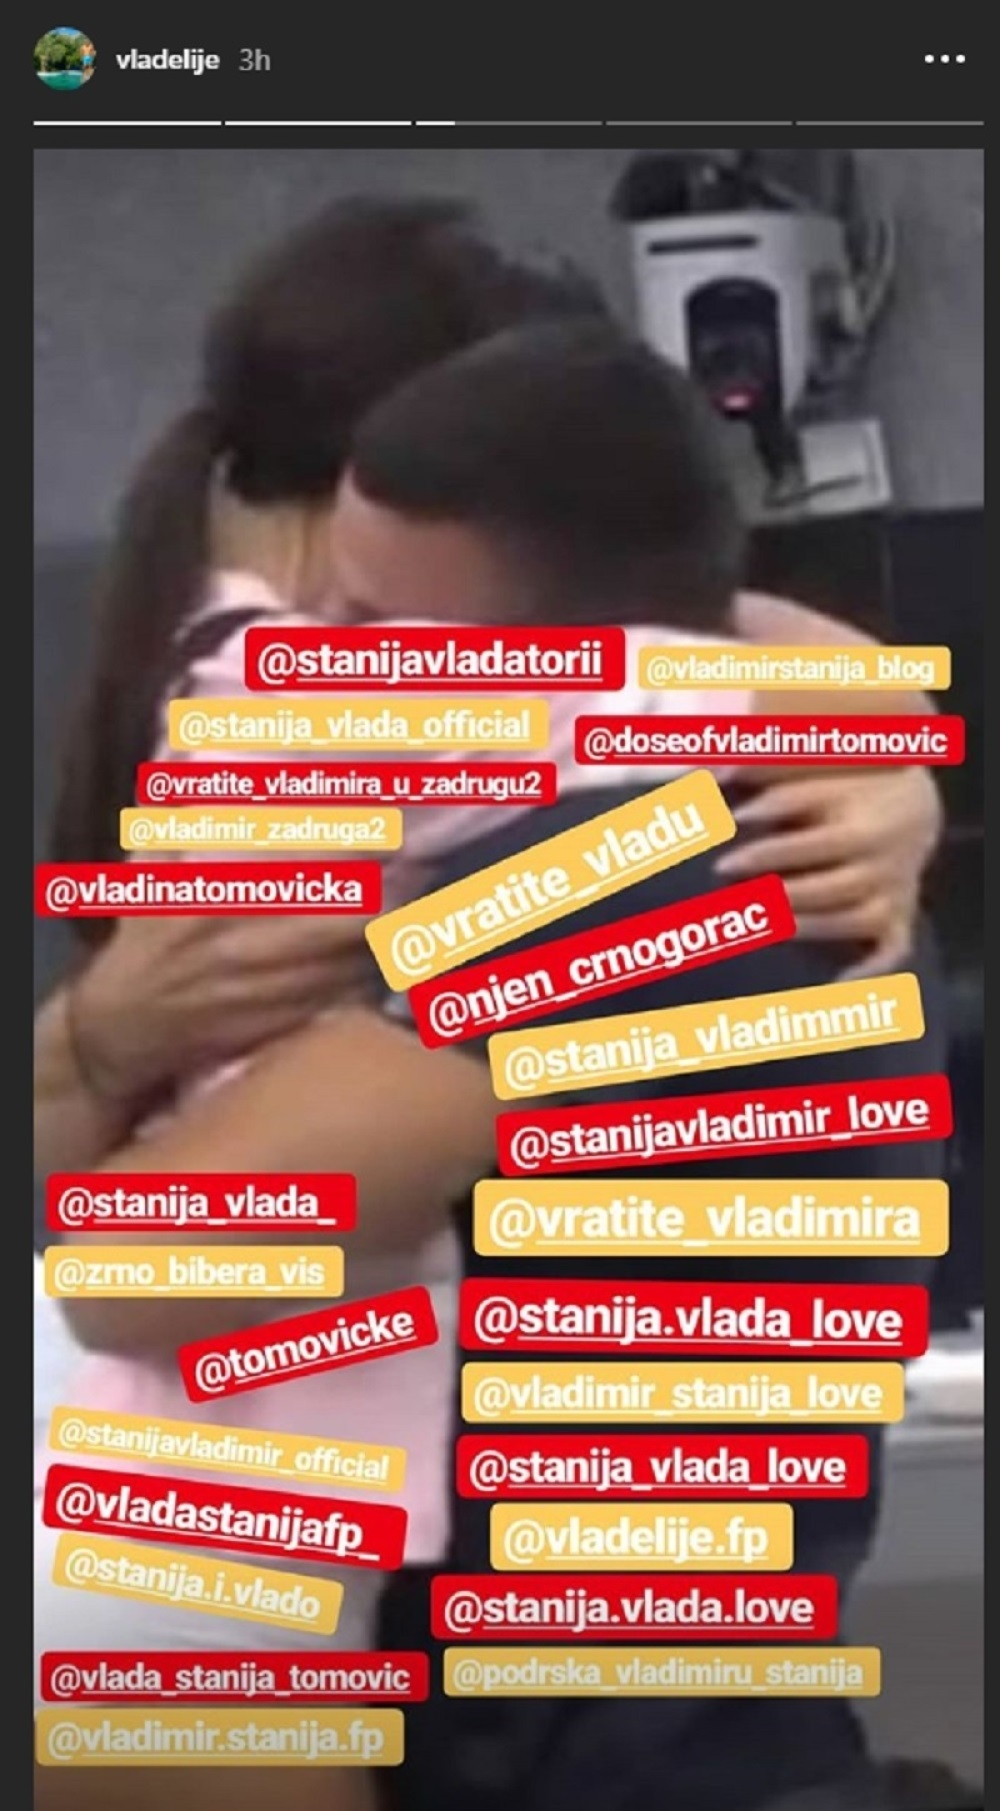 Vladimir Tomović, je uradio nešto za Staniju što nije ni za jednu, te se našao u njenom zagrljaju